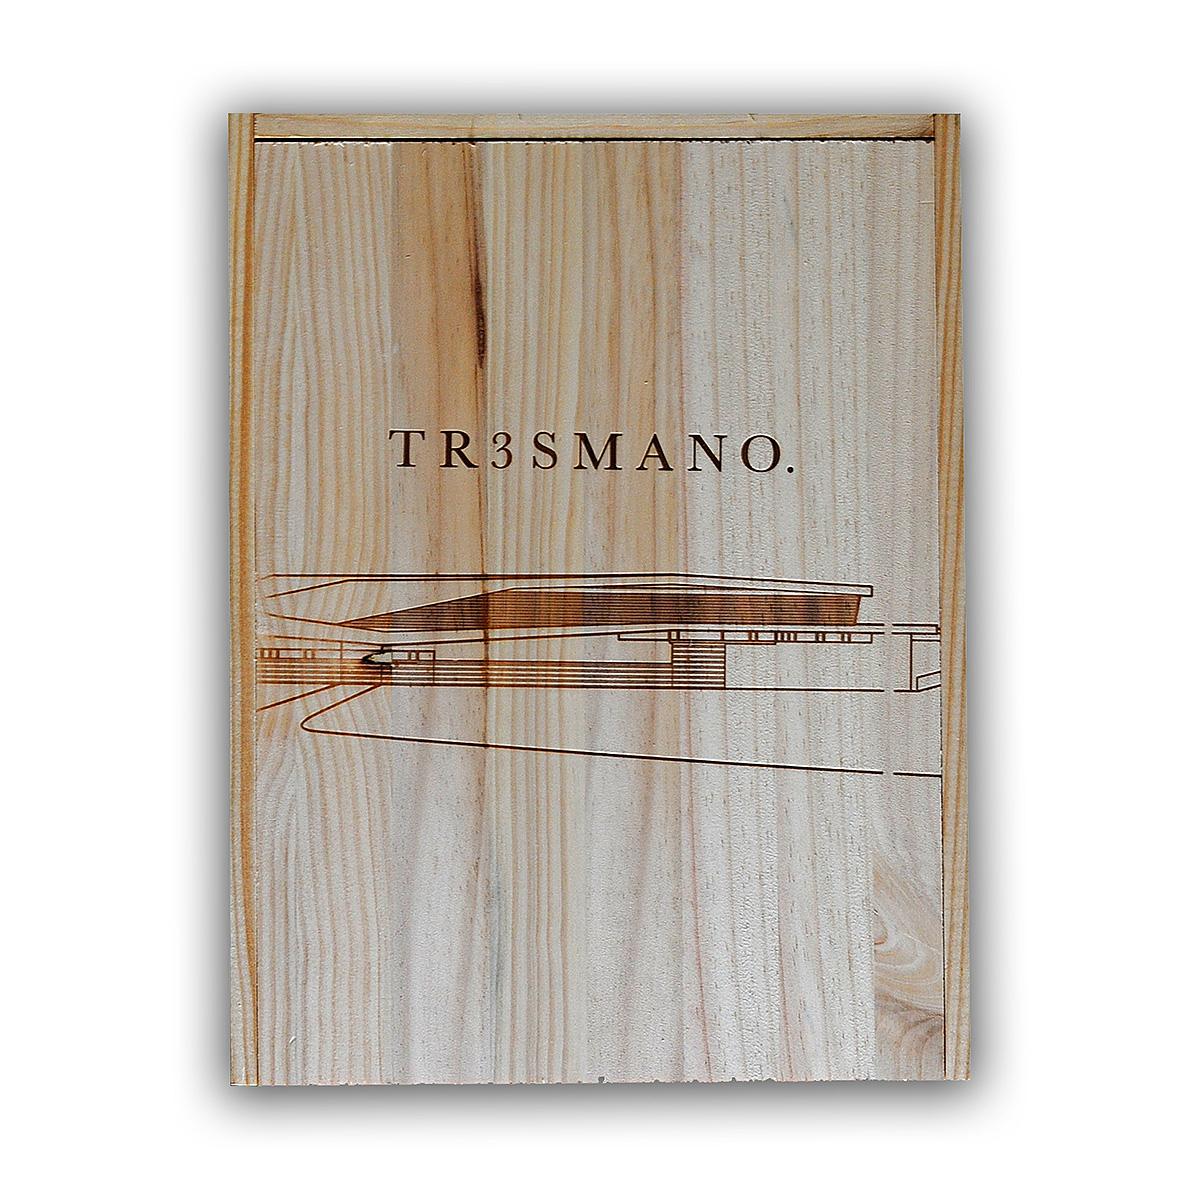 Colección Cosechas Tr3smano.